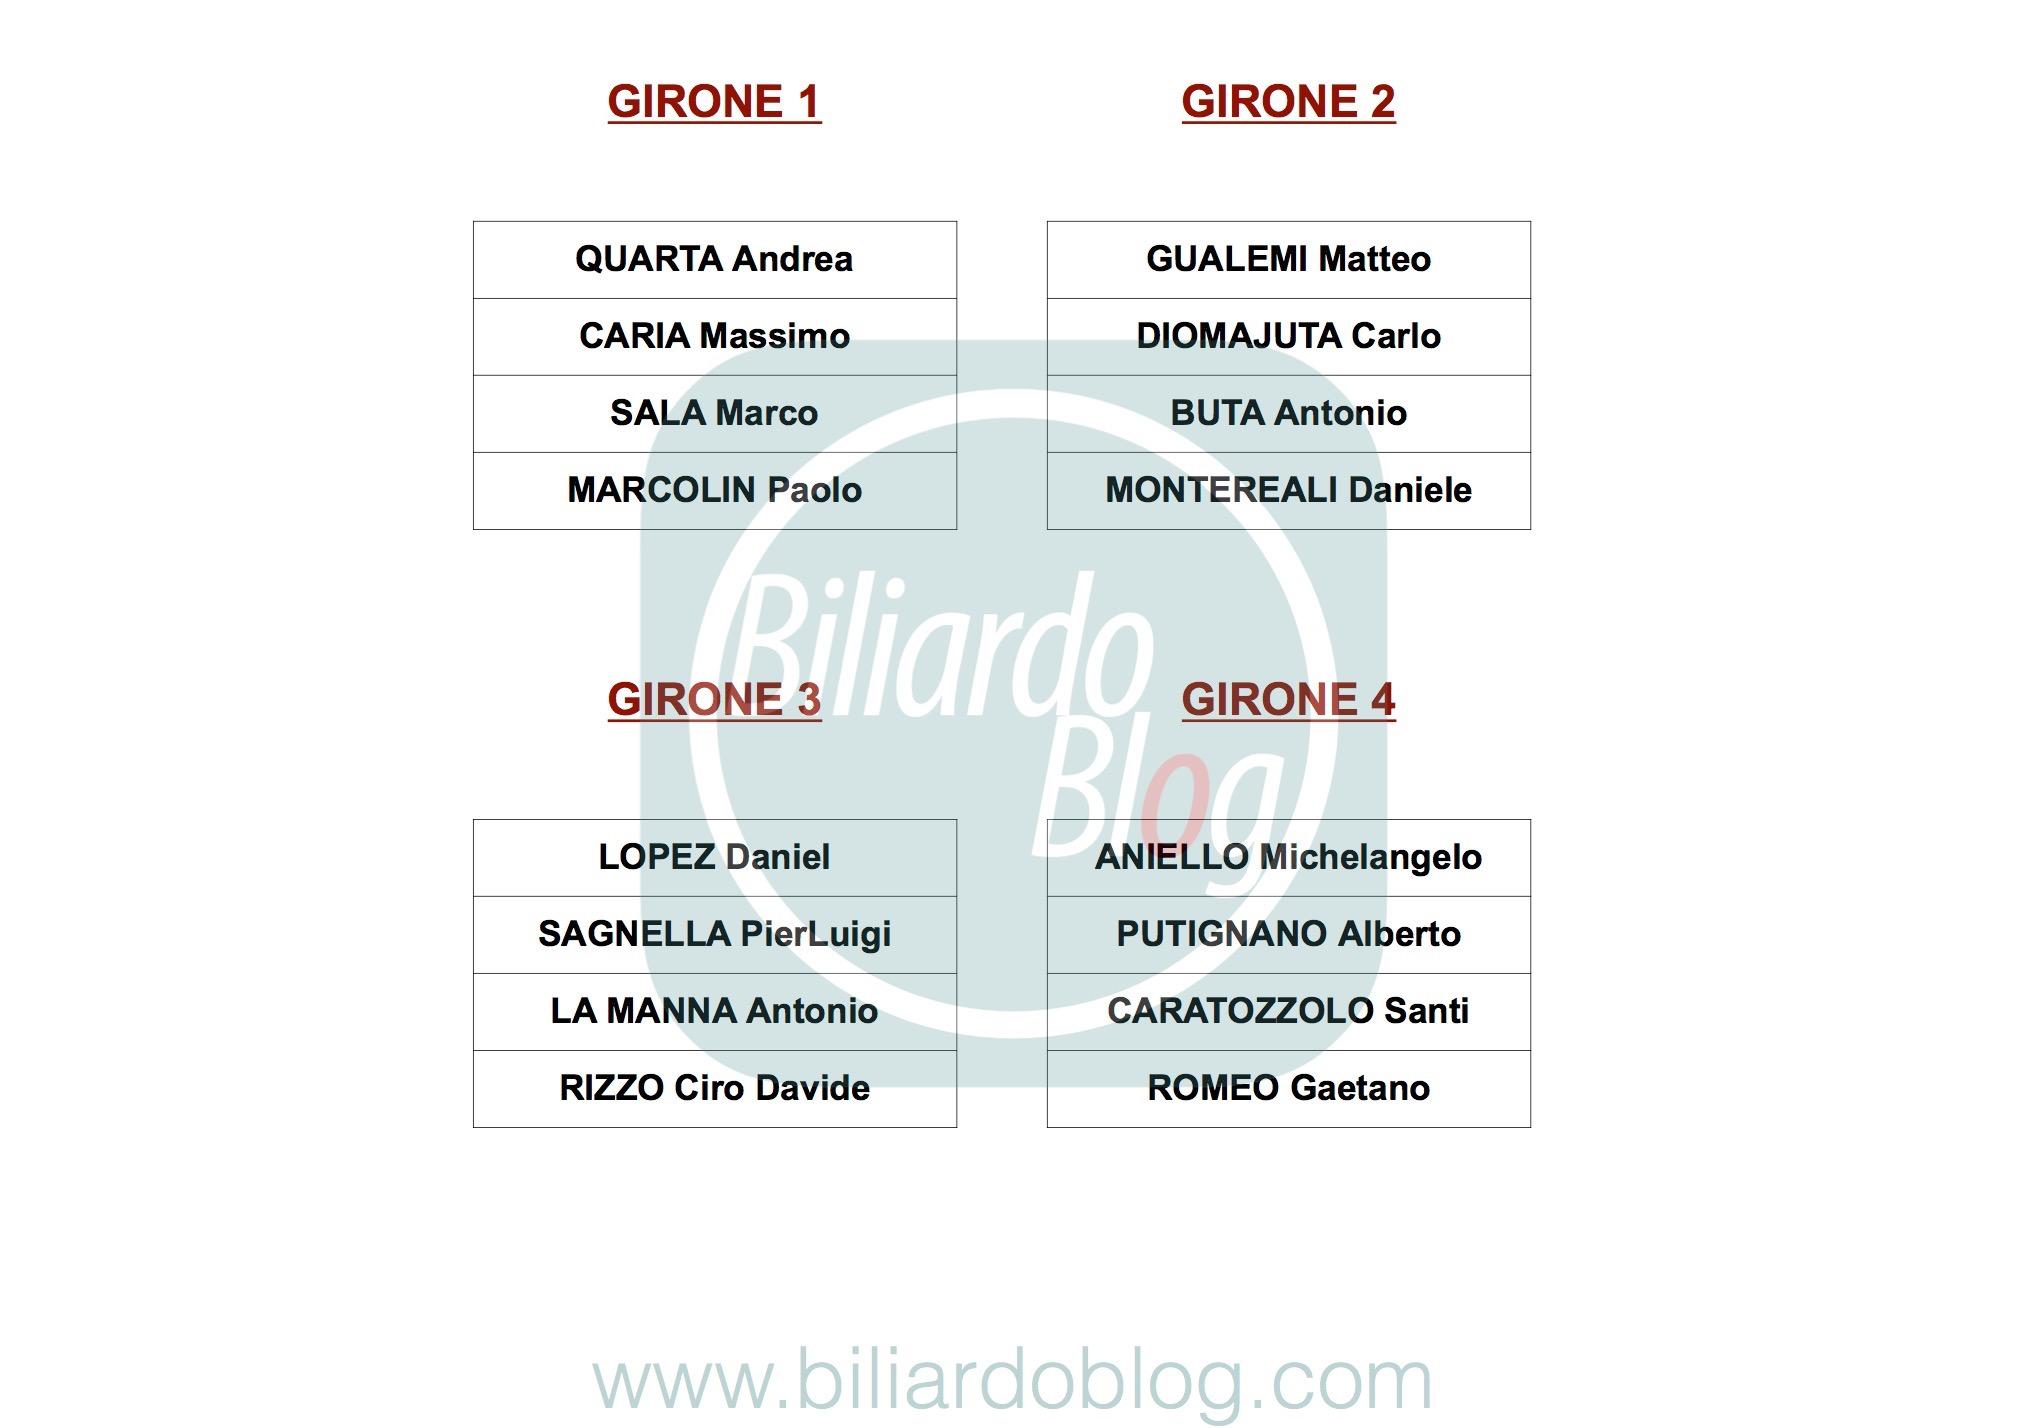 Campionato Italiano di Biliardo 2018 2019: i Gironi Pro